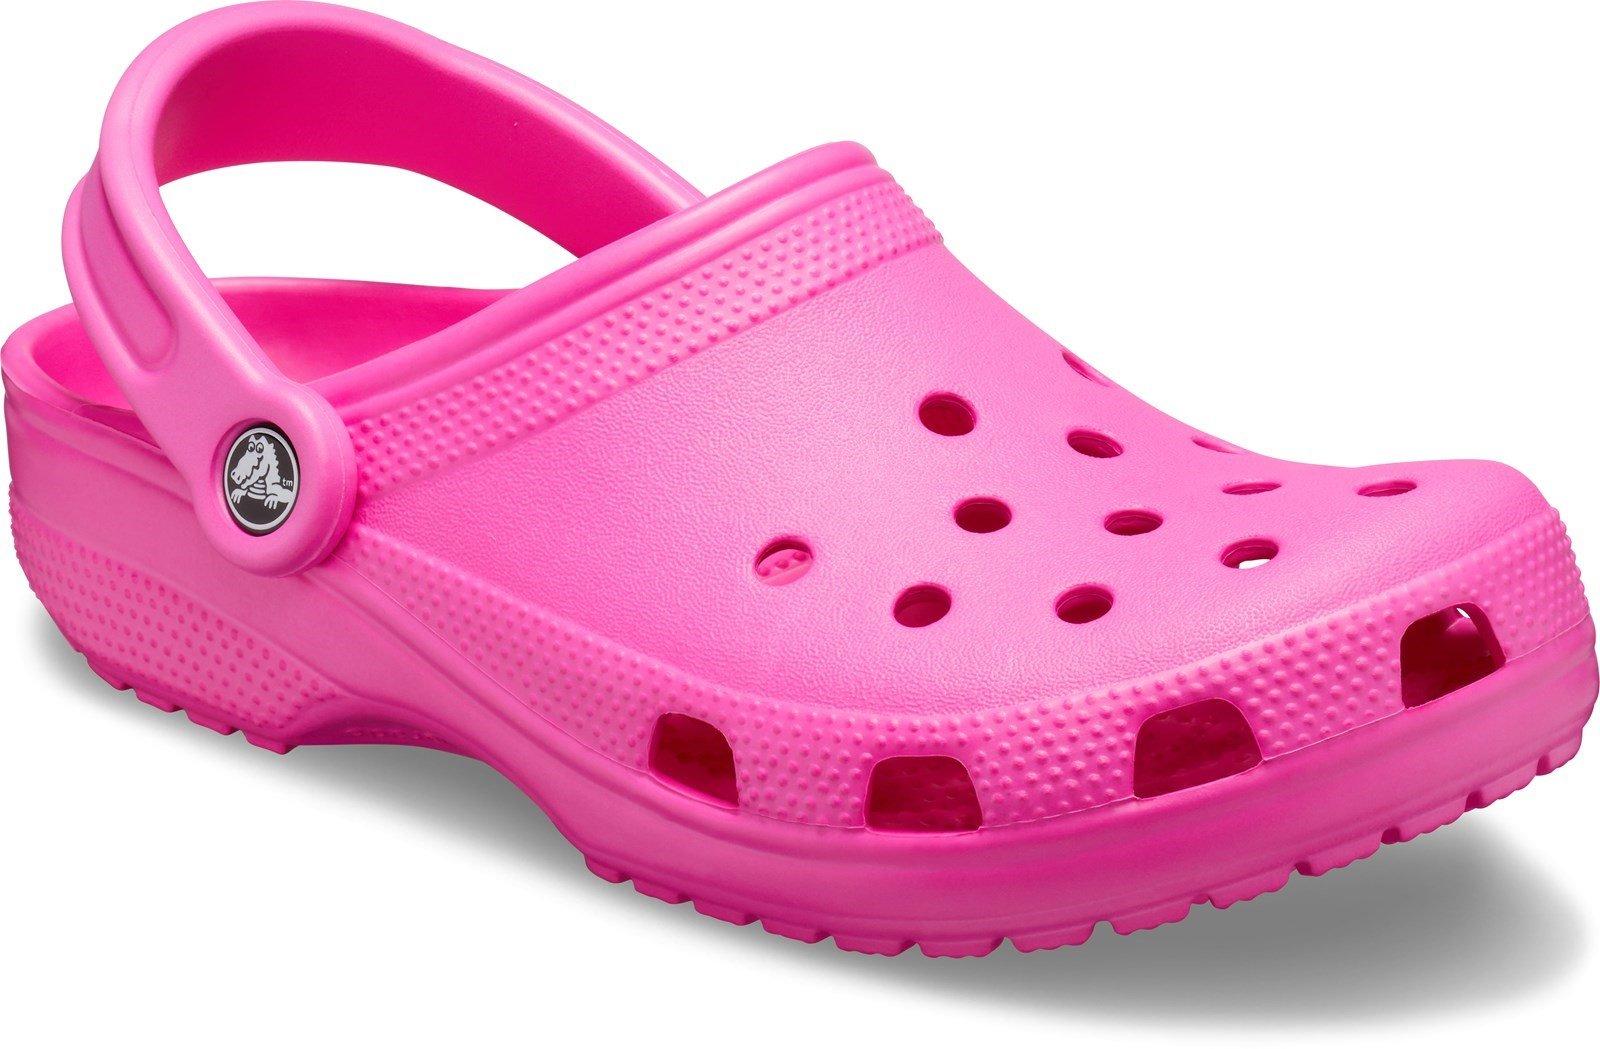 Crocs Unisex Classic Clog Sandal Various Colours 21060 - Electric Pink 3